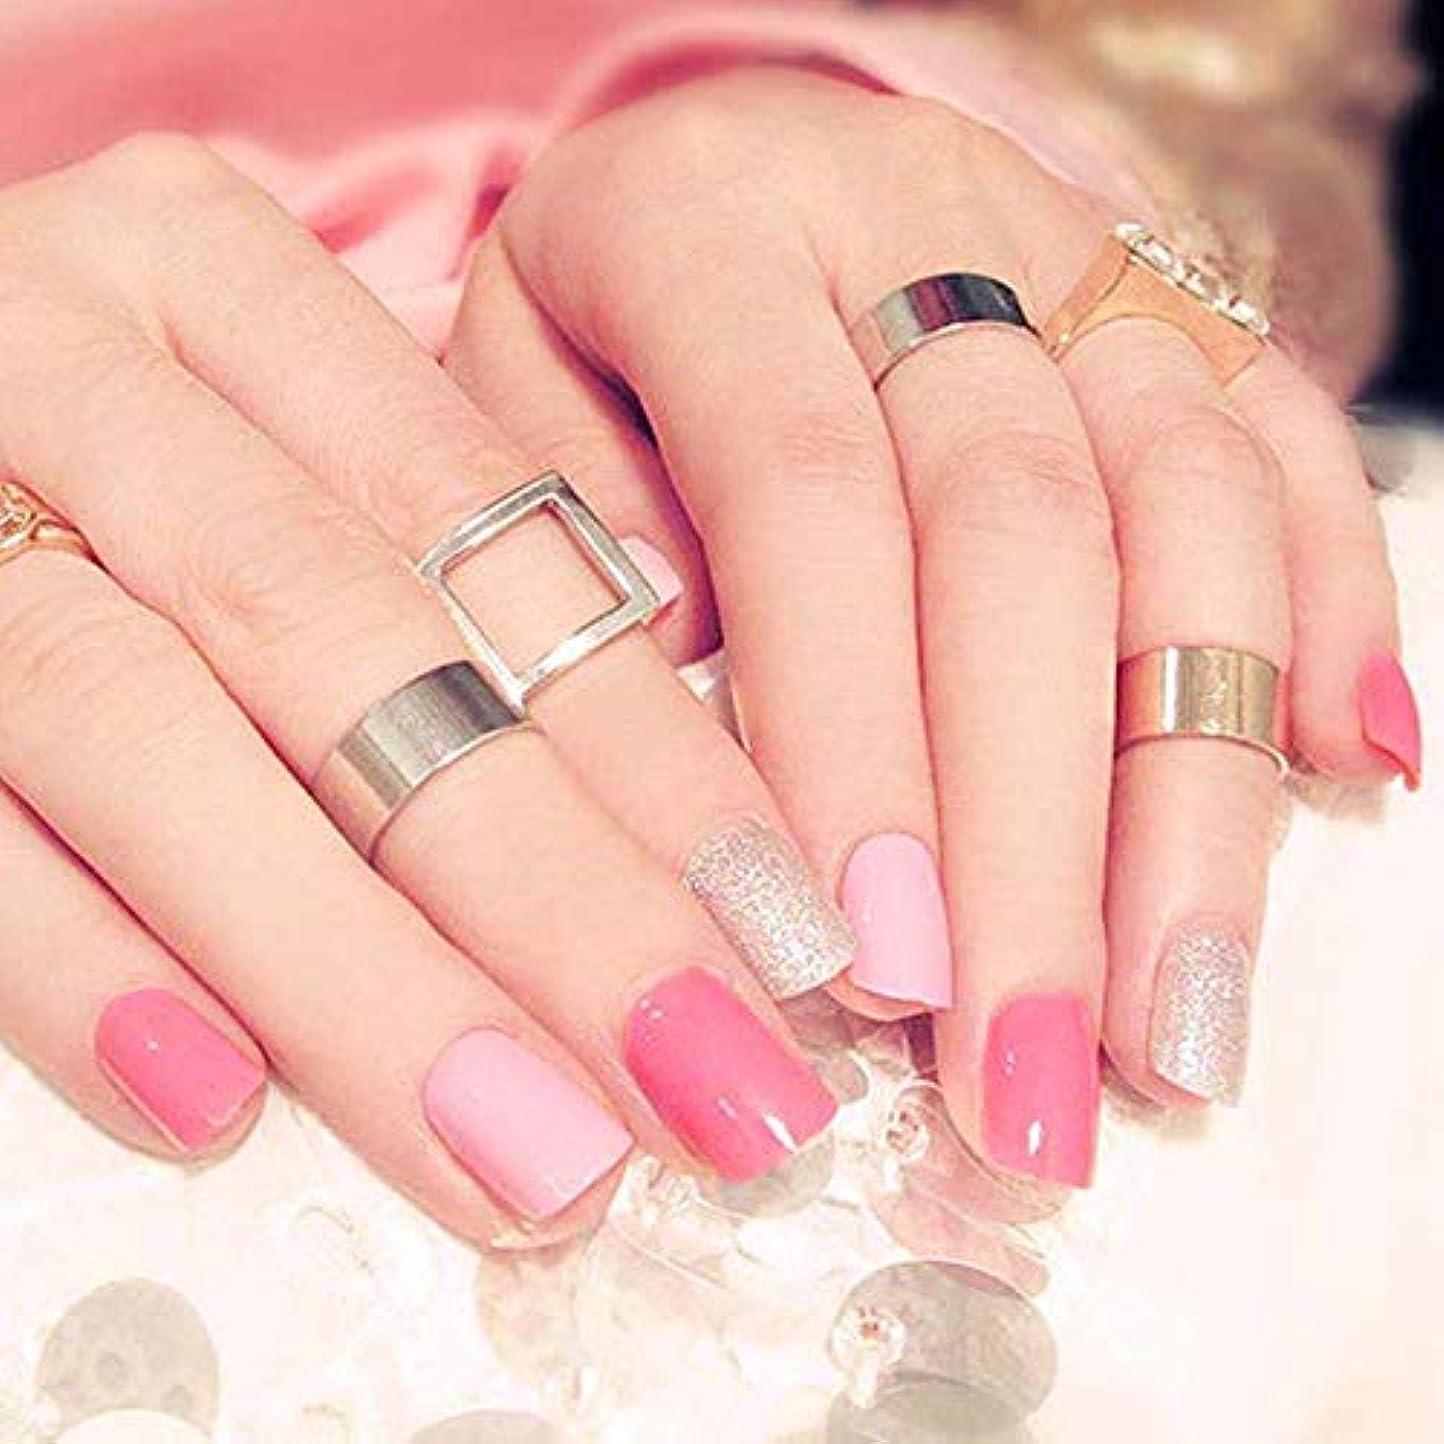 爬虫類むさぼり食うシンクXUTXZKA 24ピースピンク色偽爪女性きらめきグリッターネイルアートのヒント短いサイズフルカバービルド爪